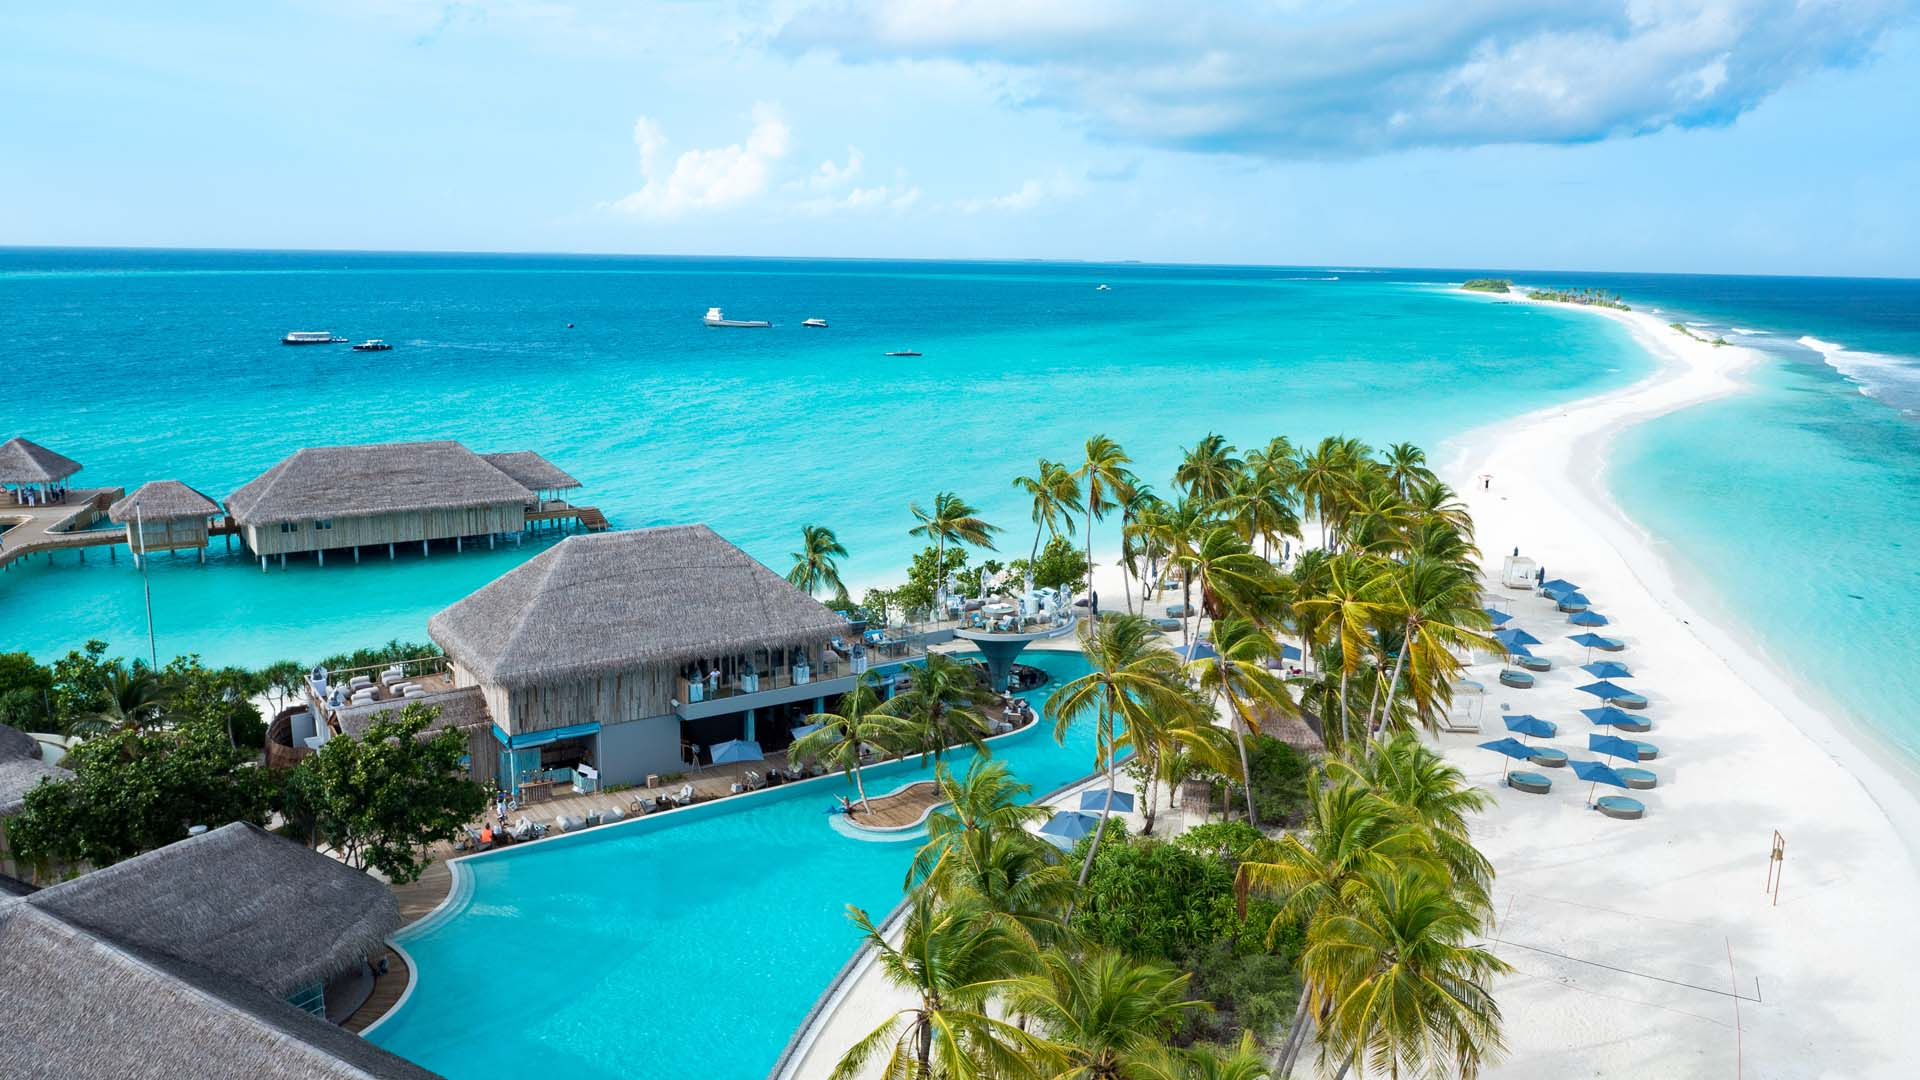 Finolhu Resort in the Maldives Baa Atoll your escape (25)